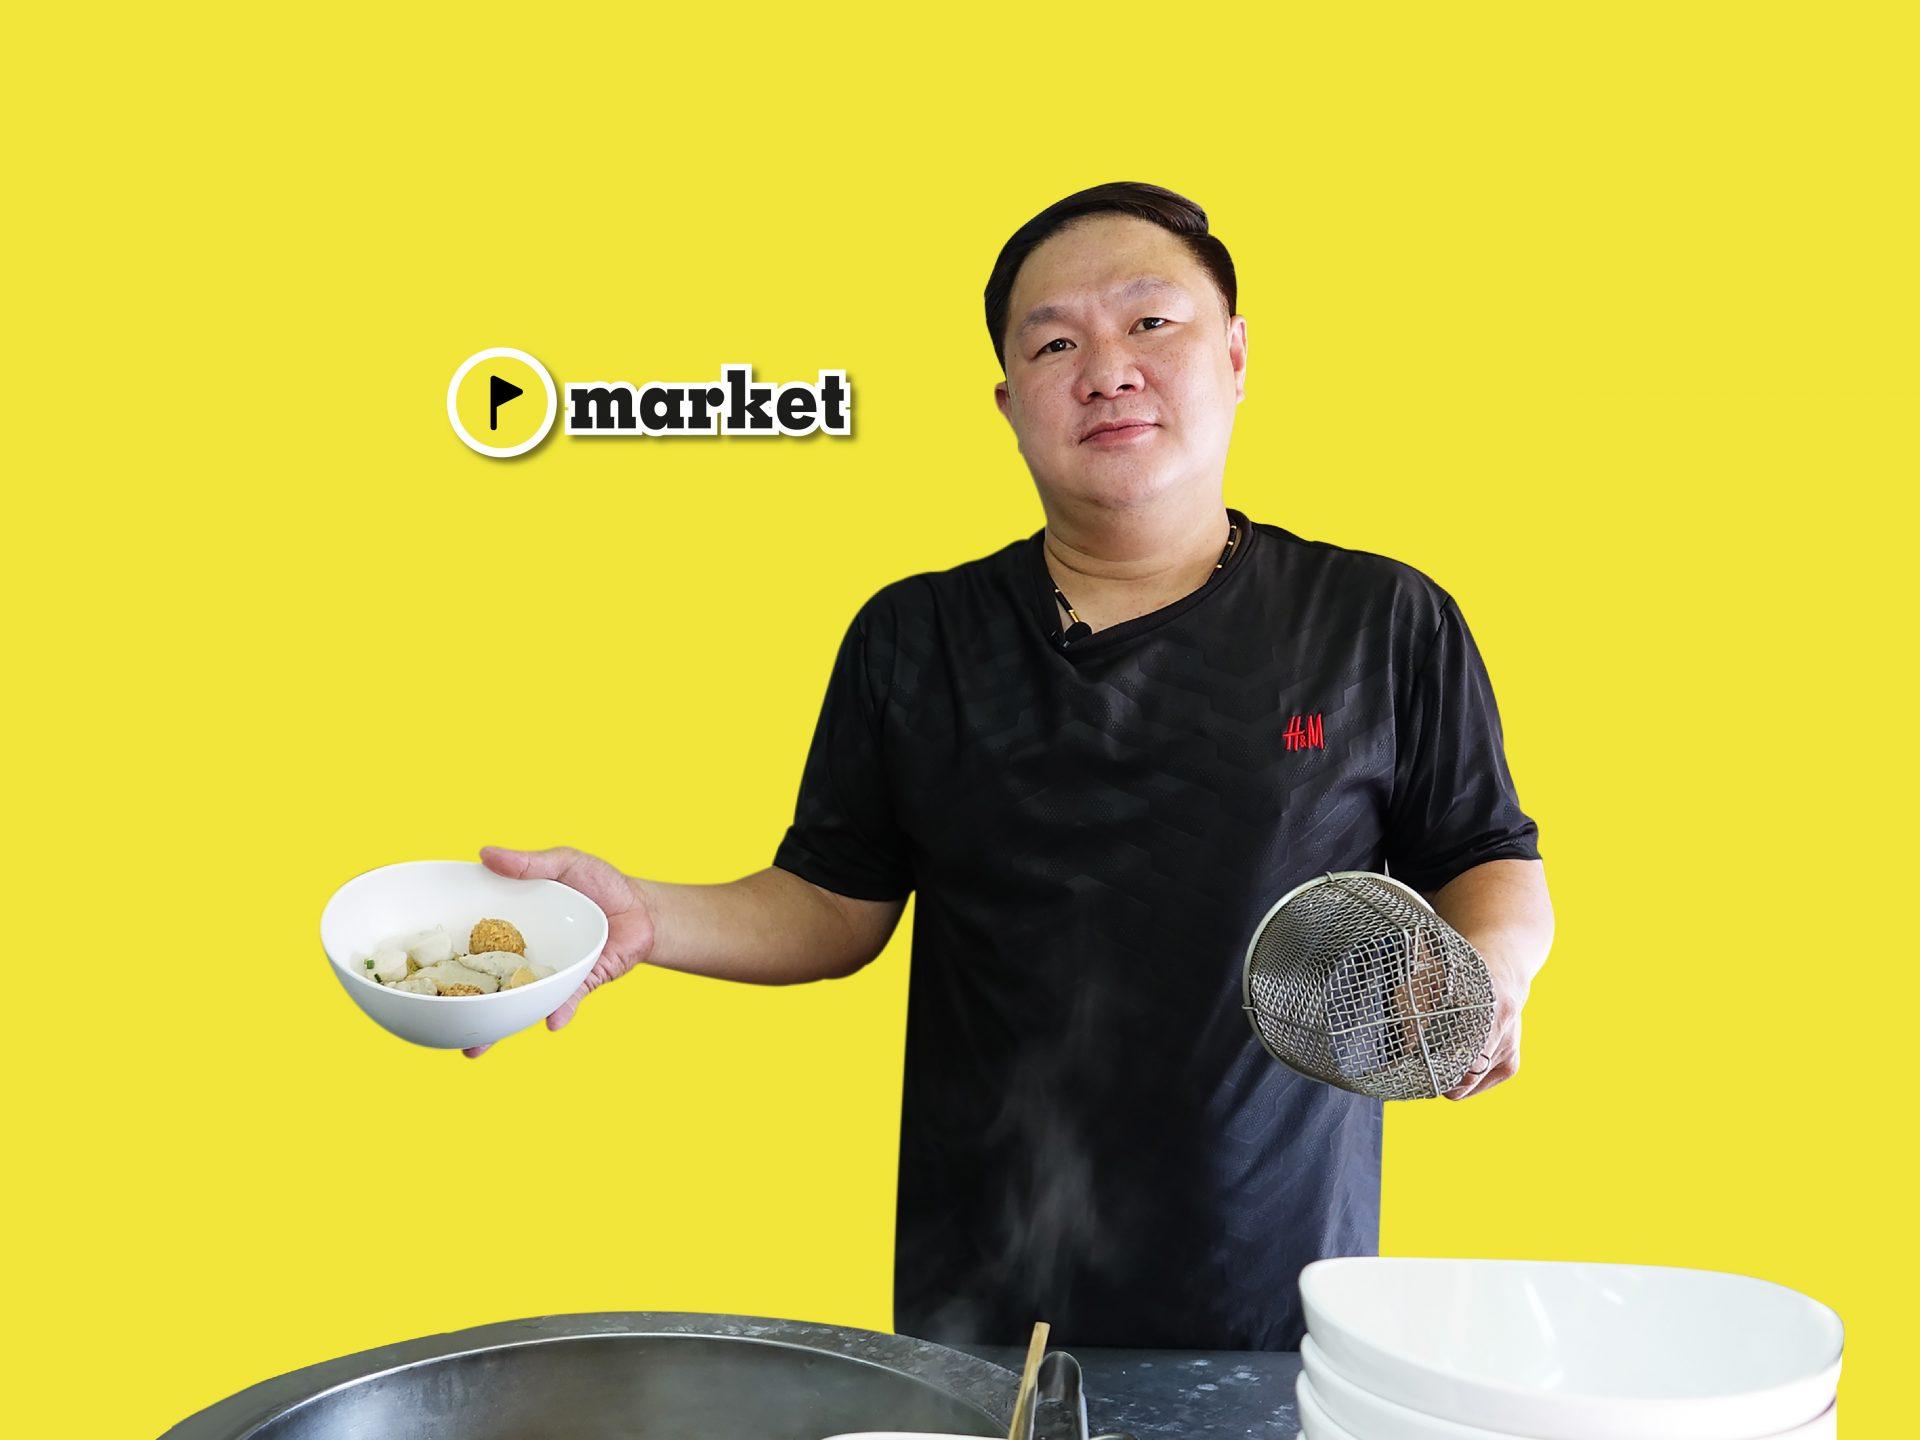 เม้งโภชนา - passion market